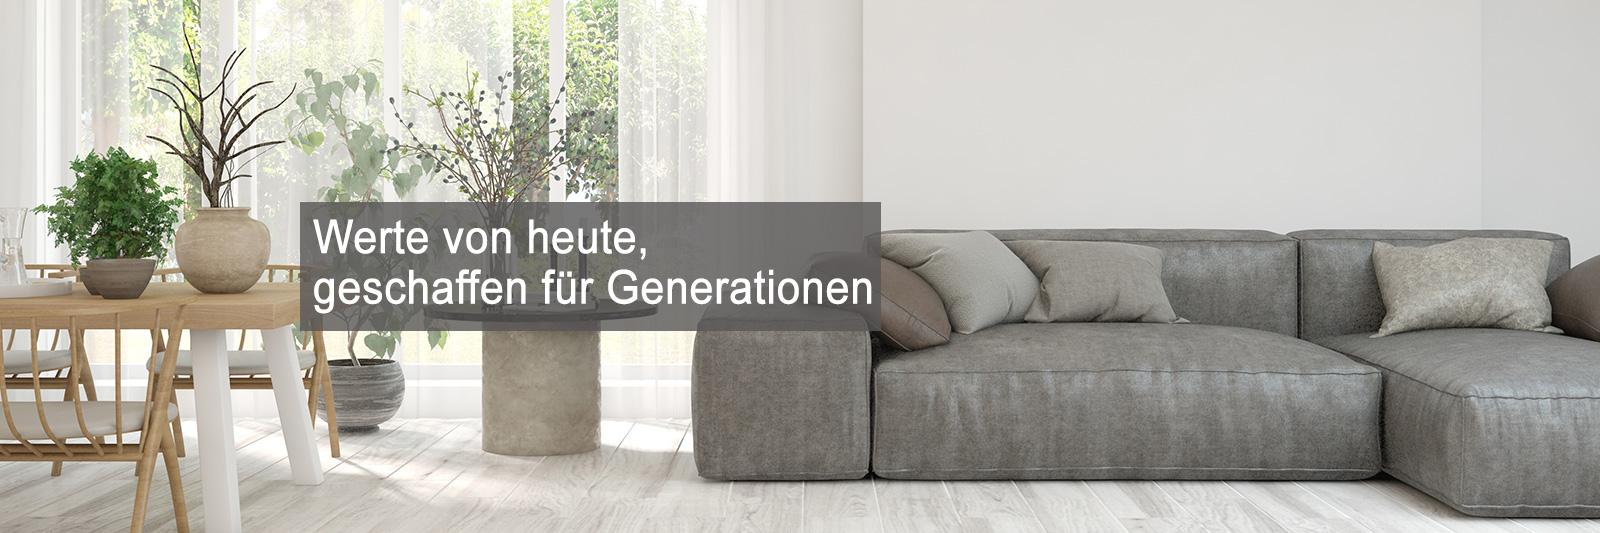 Adler Immobilien Frankfurt